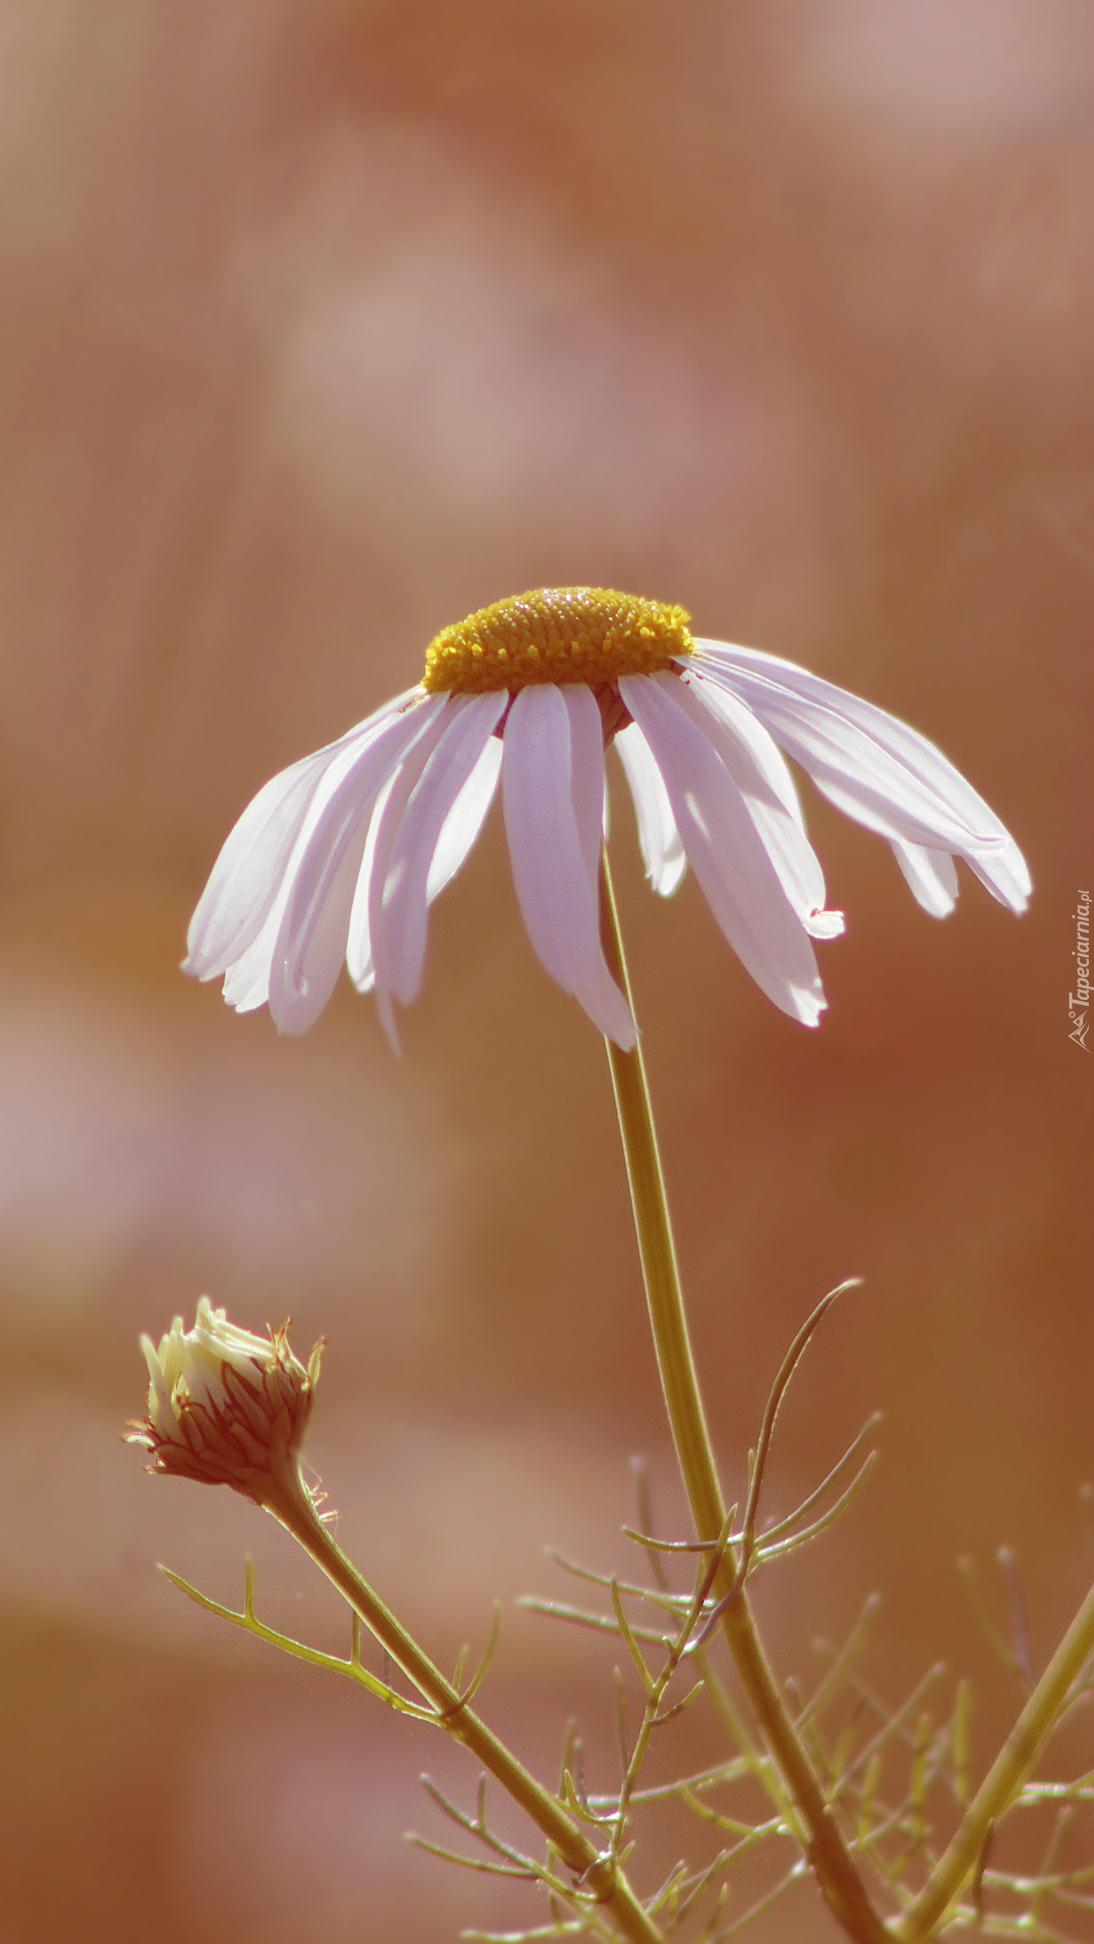 Kwiat i pąk rumianku